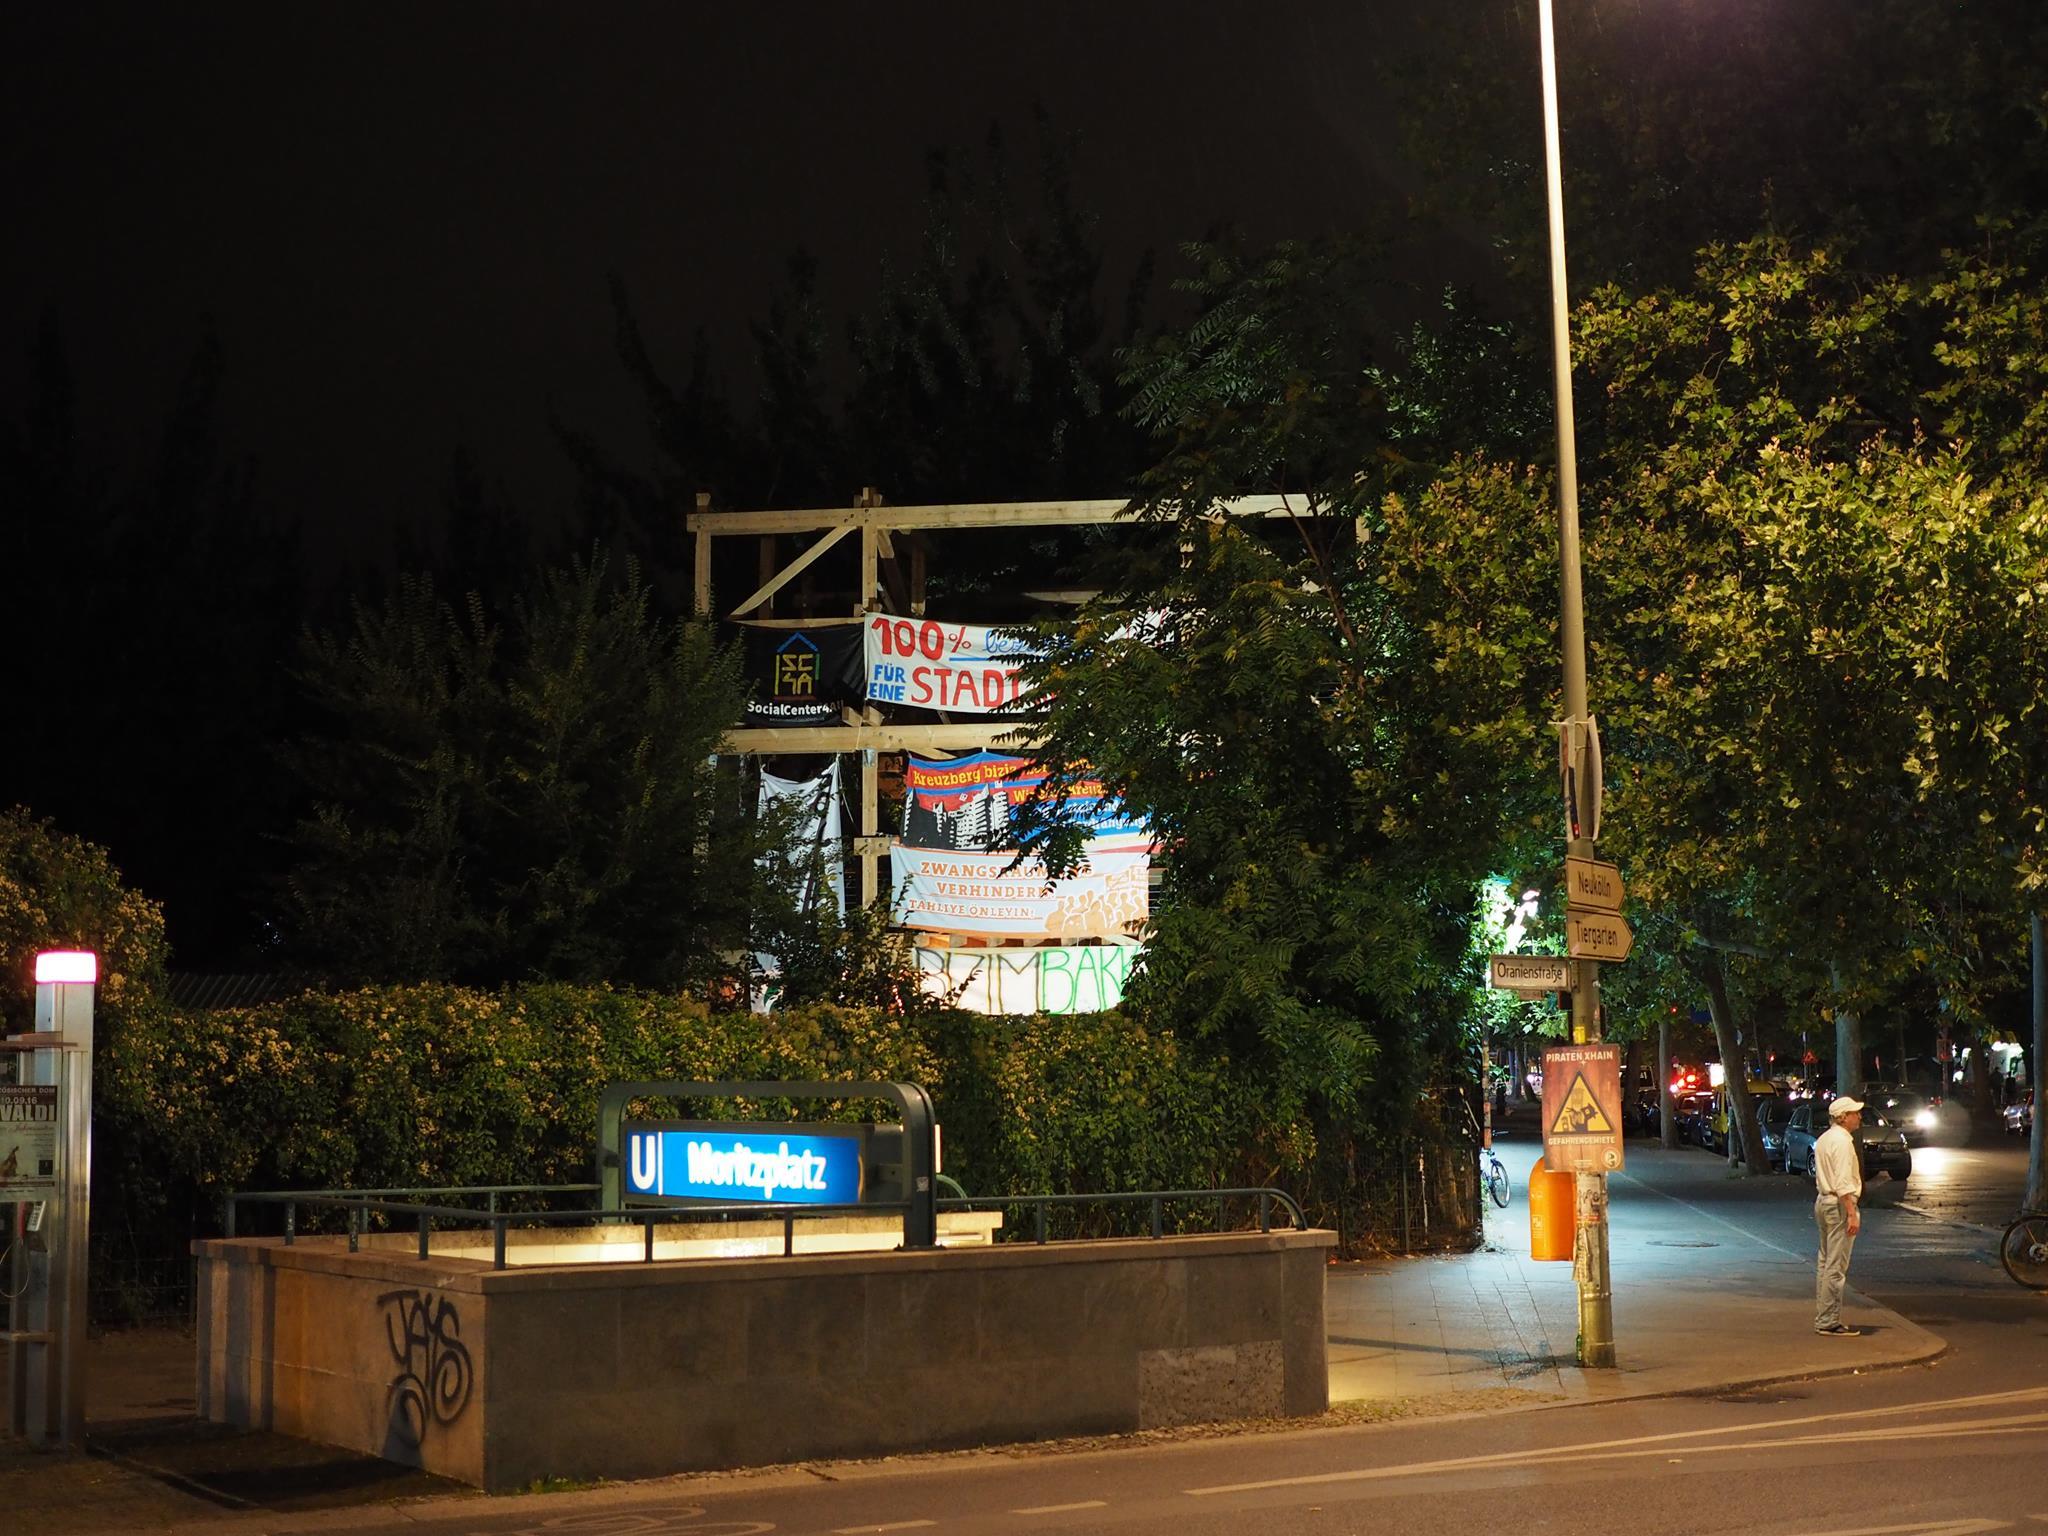 Die Laube, mit Bannern verschiedener stadtpolitischer Bewegungen aus Berlin und Madrid behängt